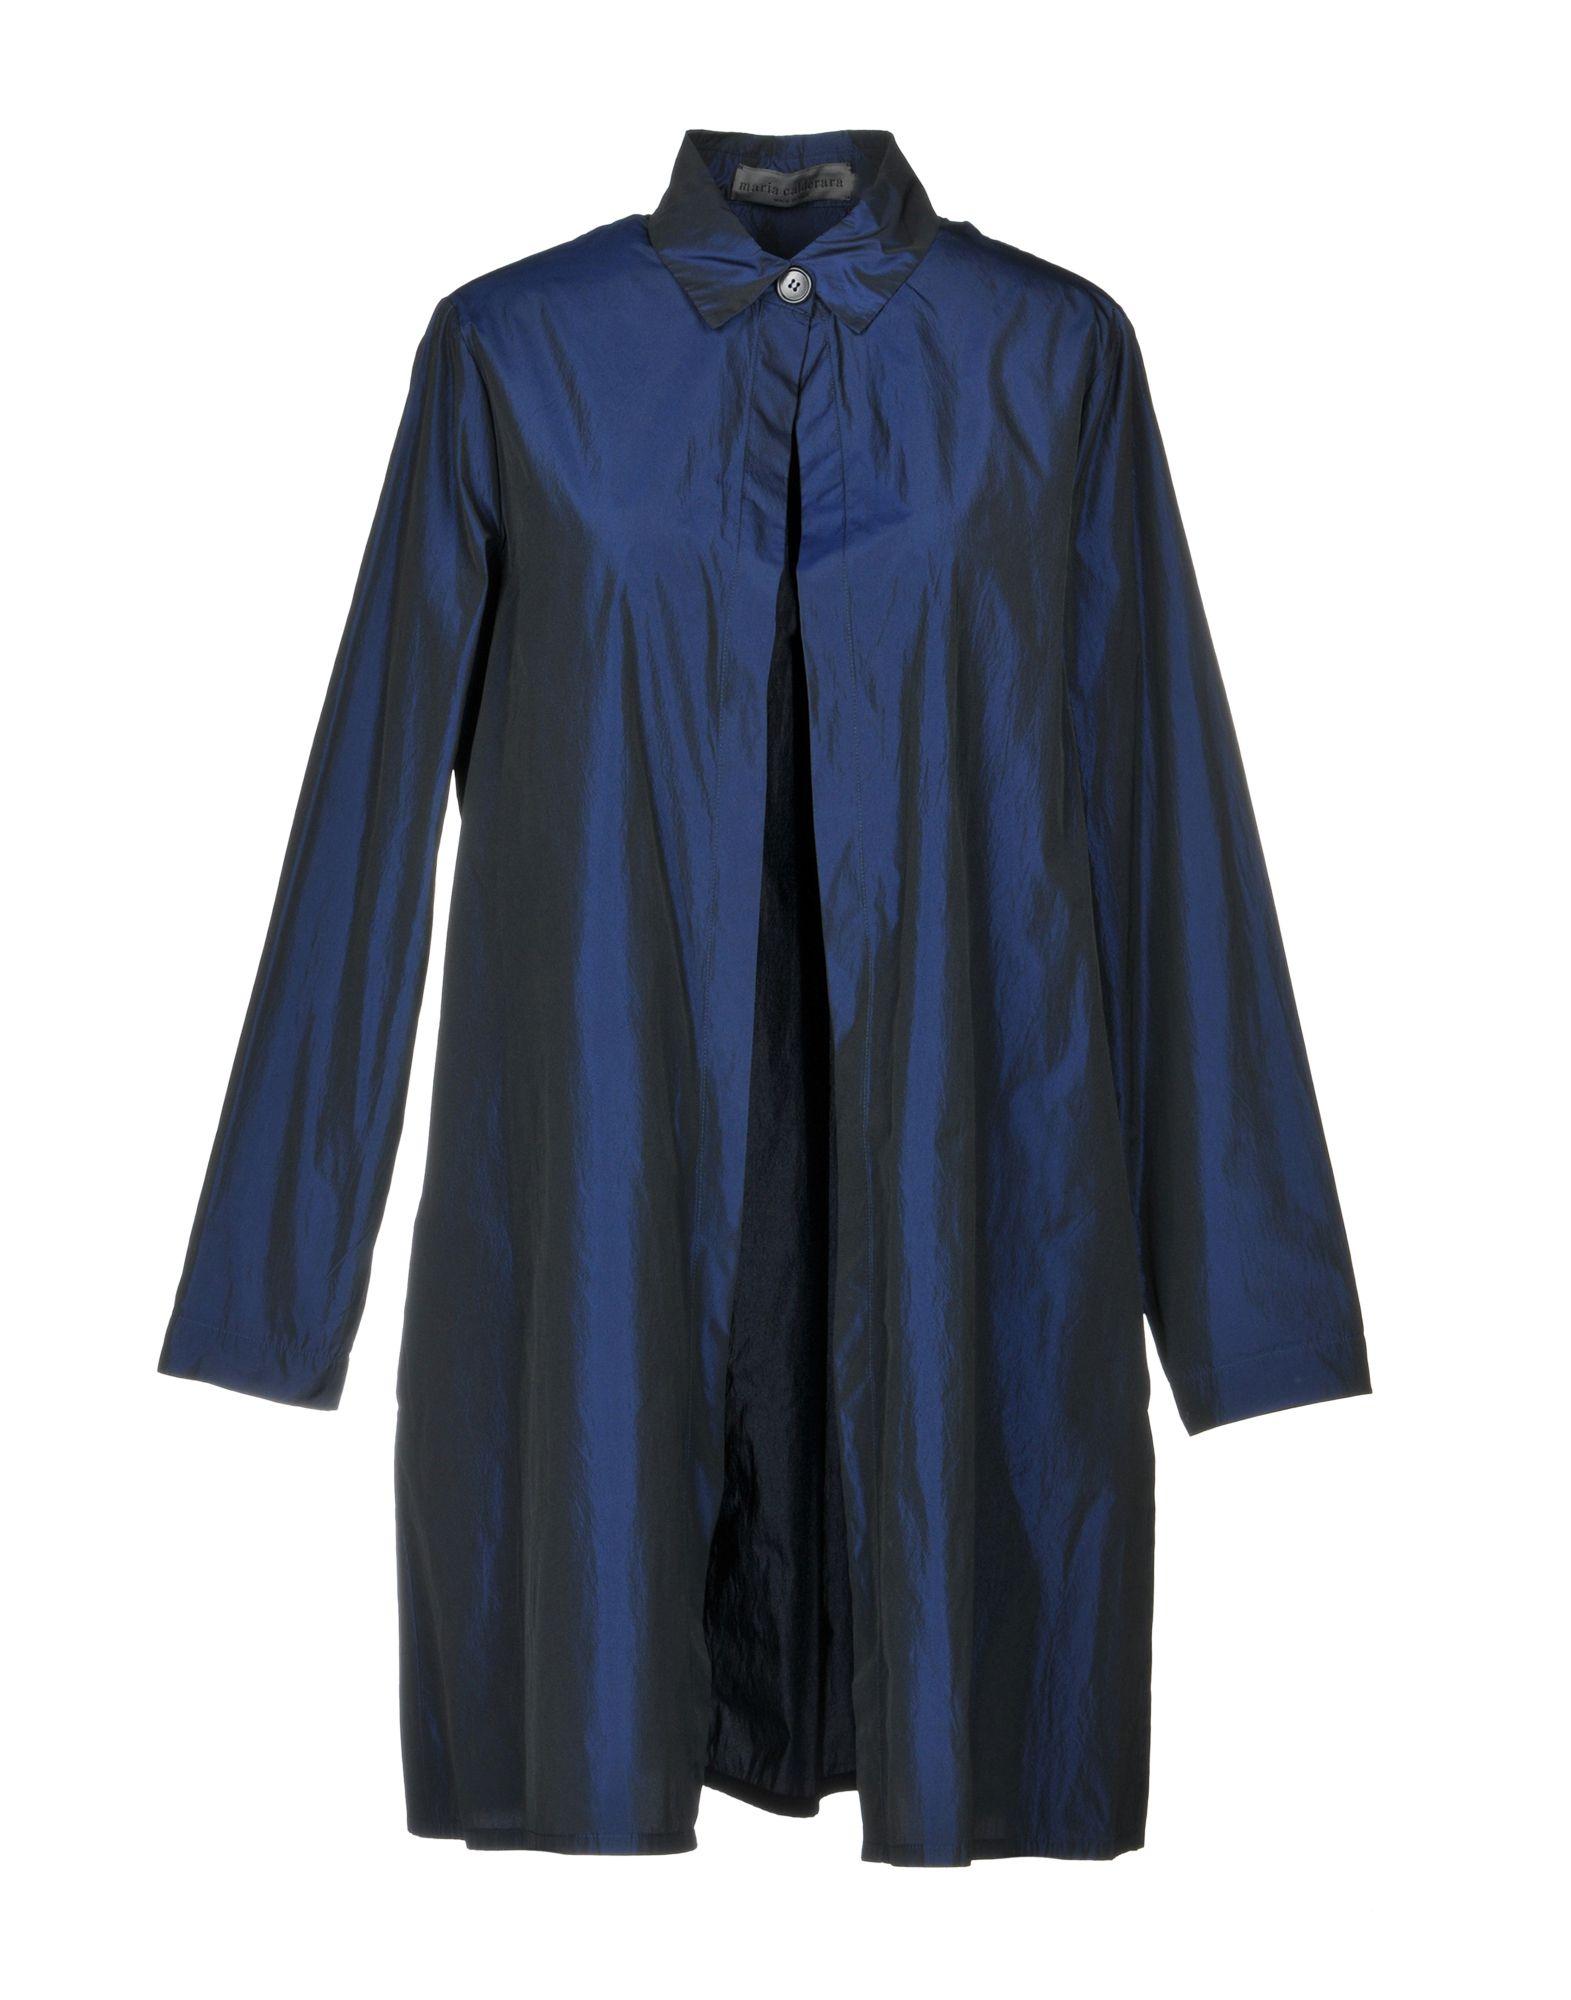 MARIA CALDERARA Full-Length Jacket in Blue